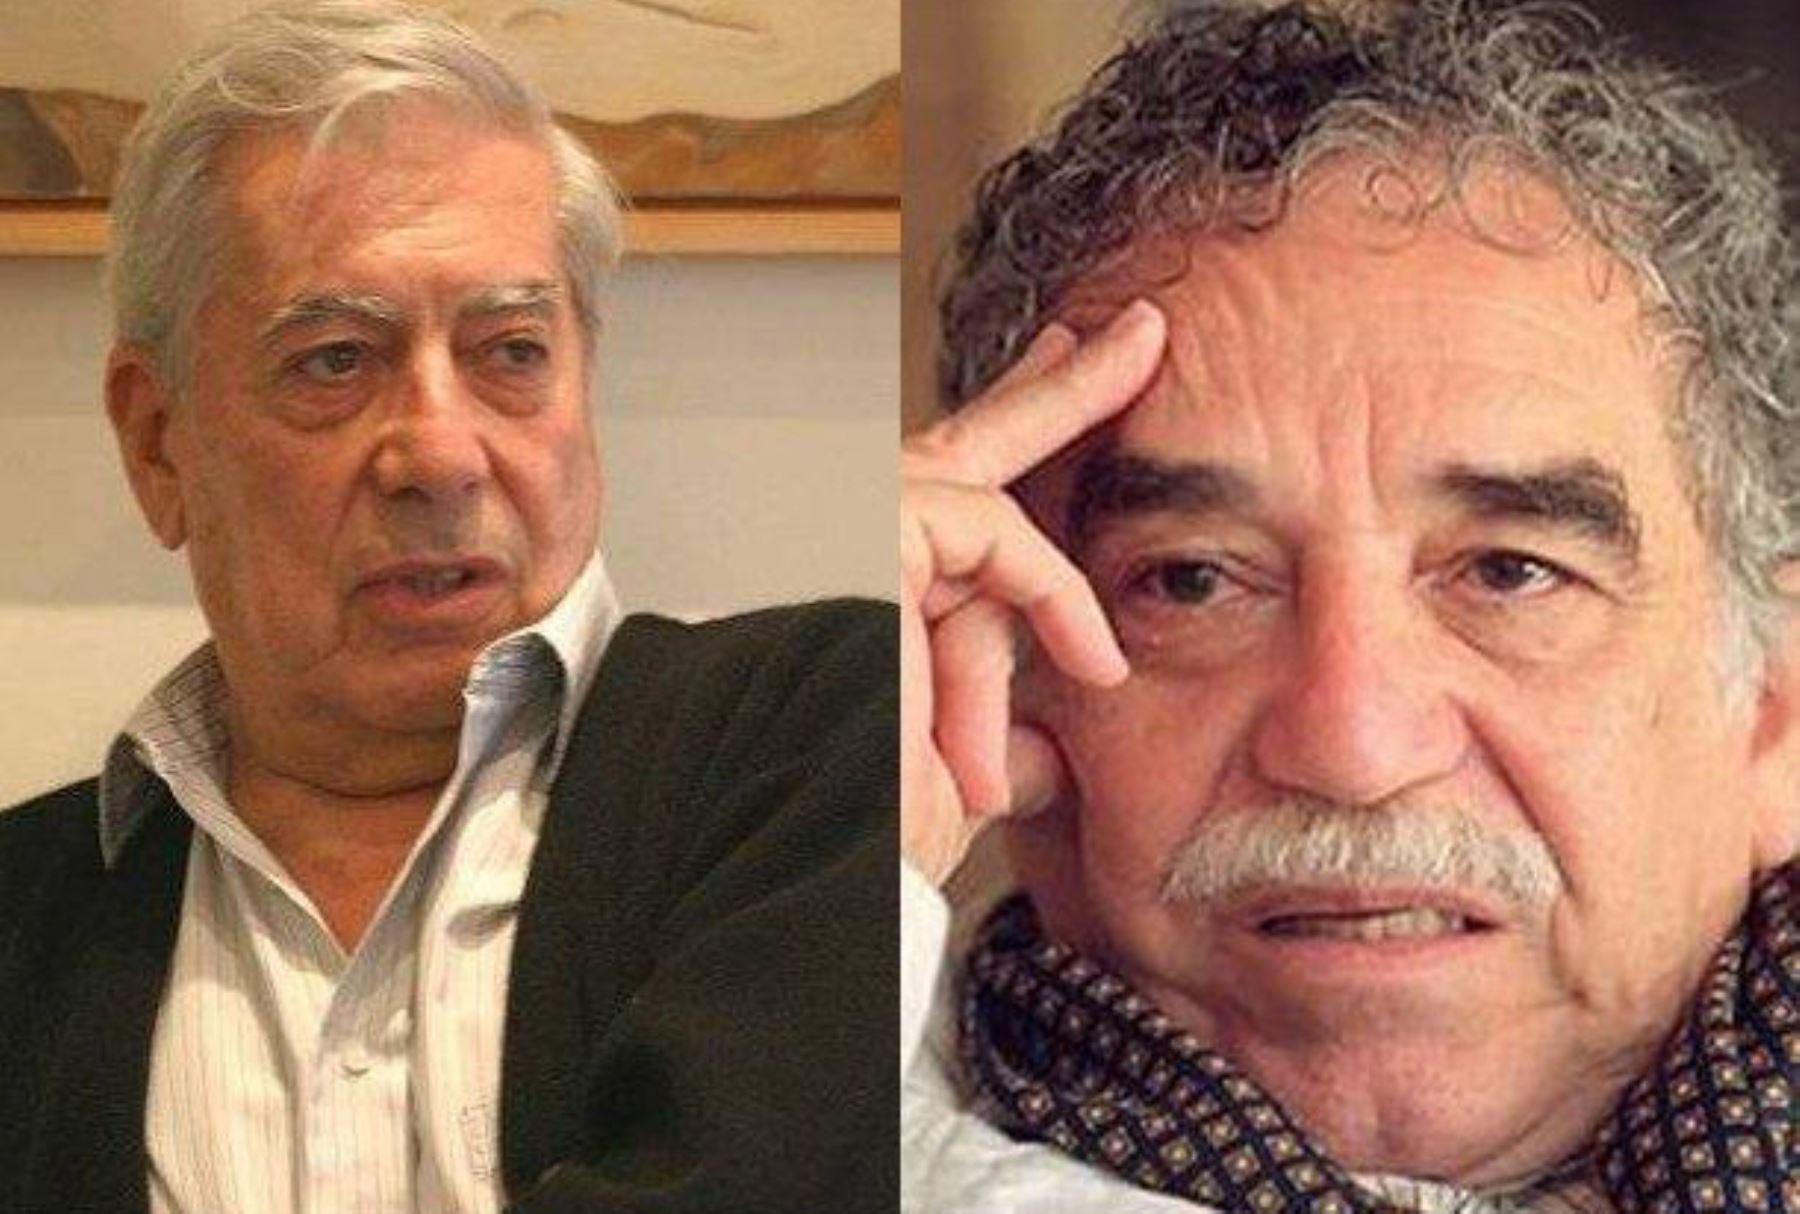 Los escritores Mario Vargas llosa y Gabriel García Márquez. Foto: ANDINA/letrasuelta.blogspot.com / Web